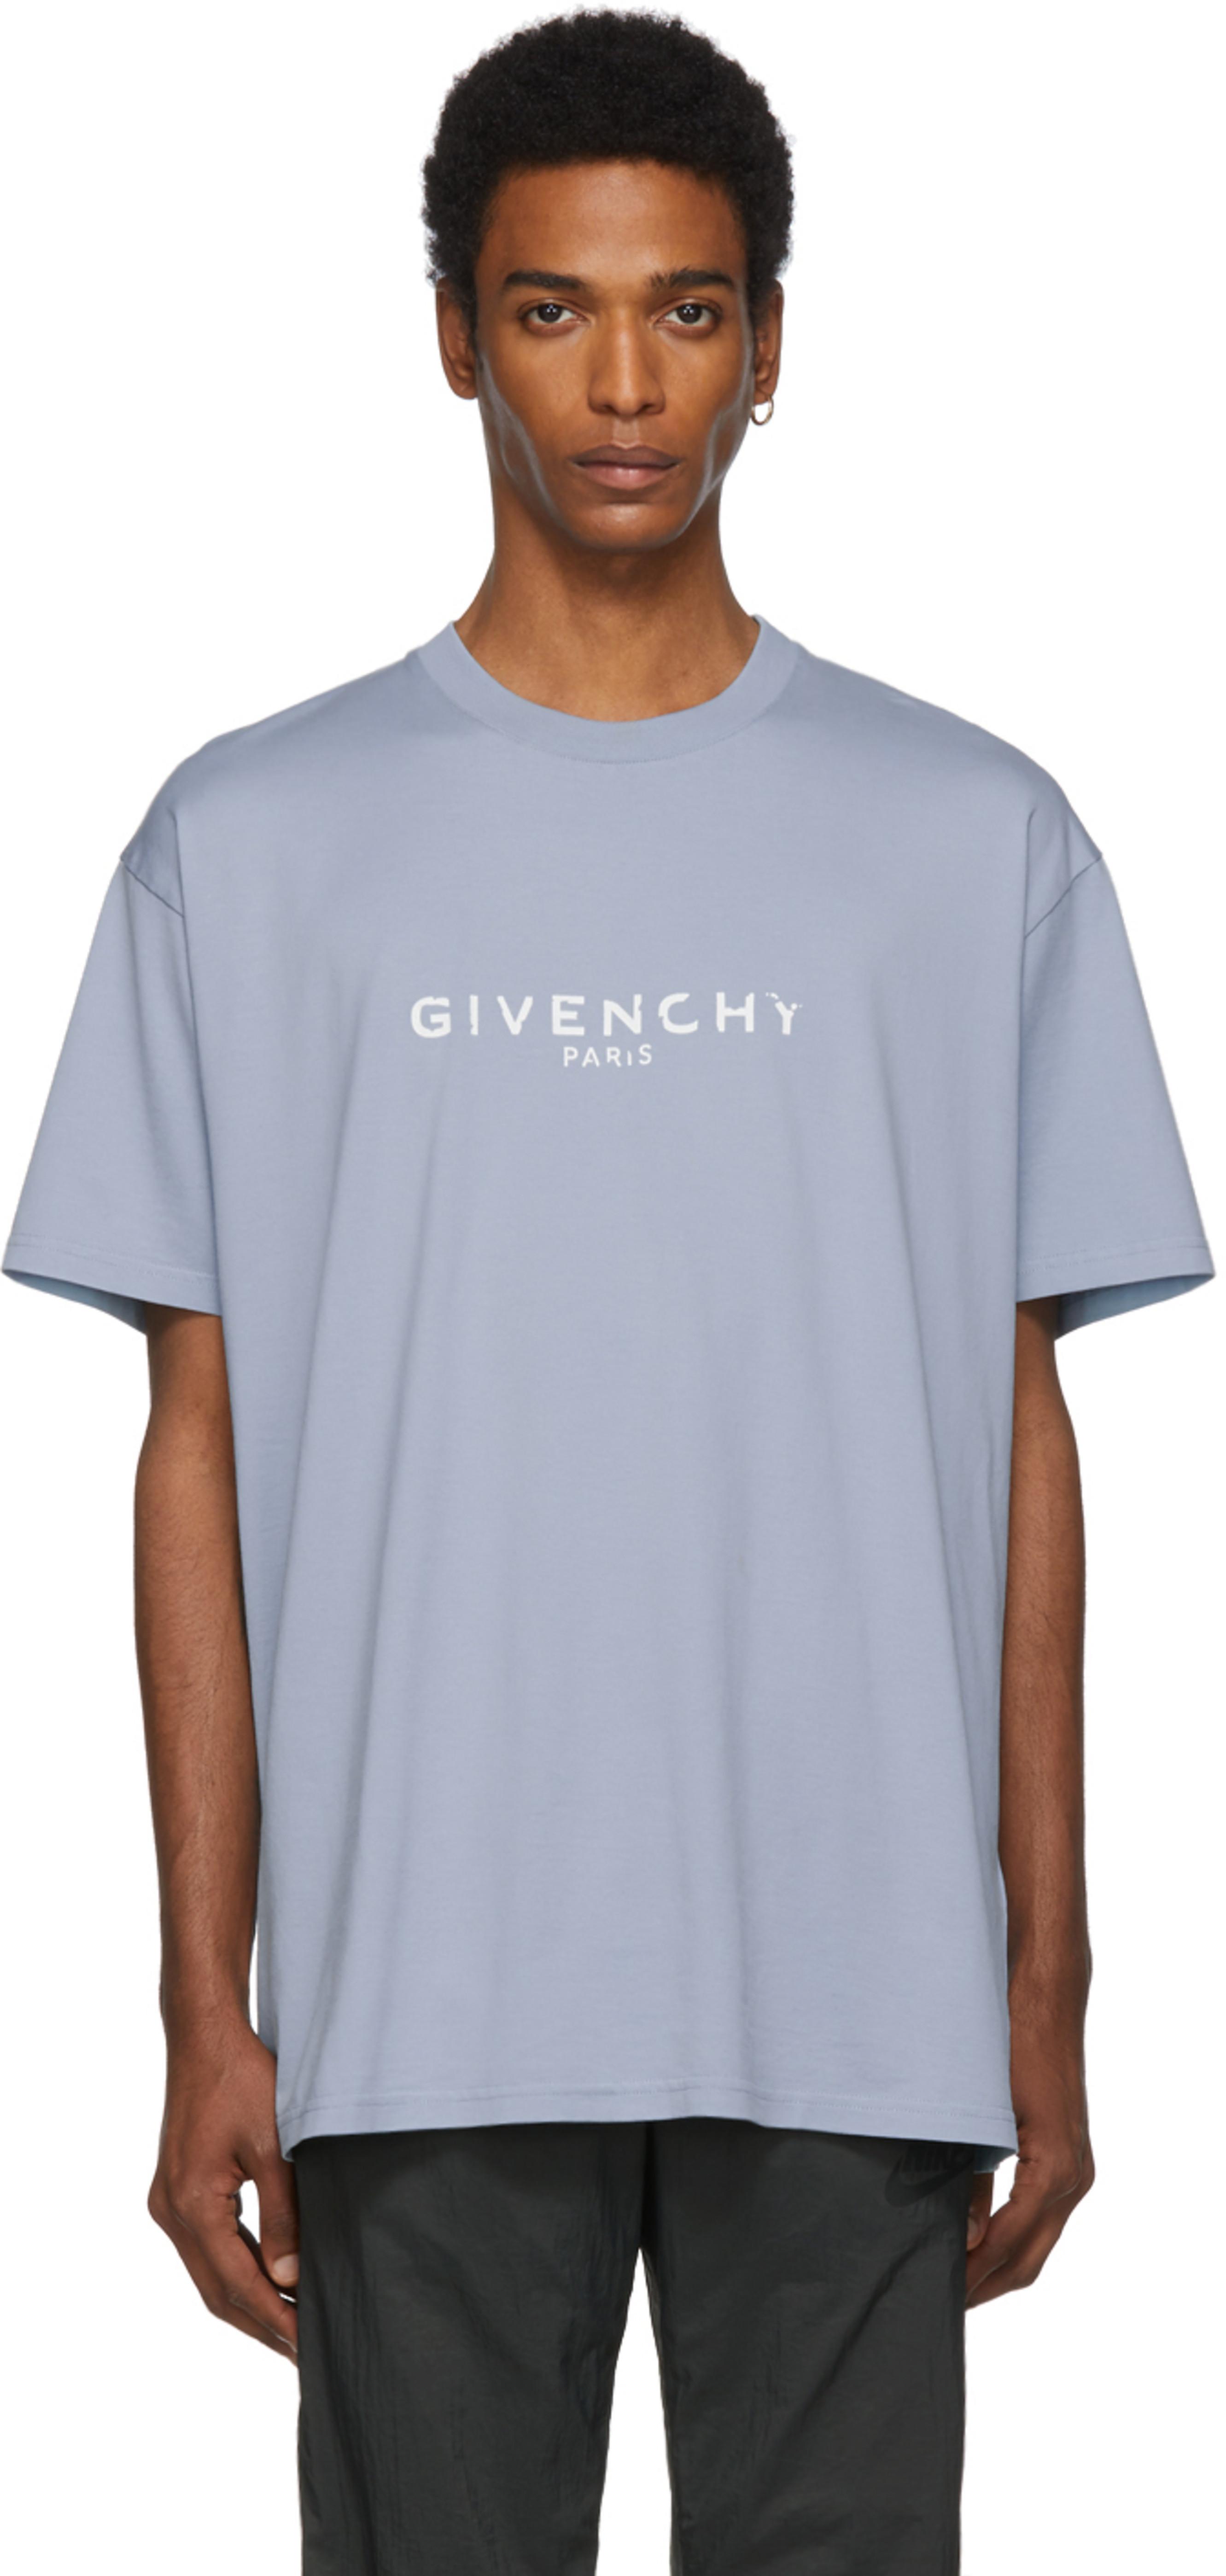 69d6ca9e72e0 Designer t-shirts for Men